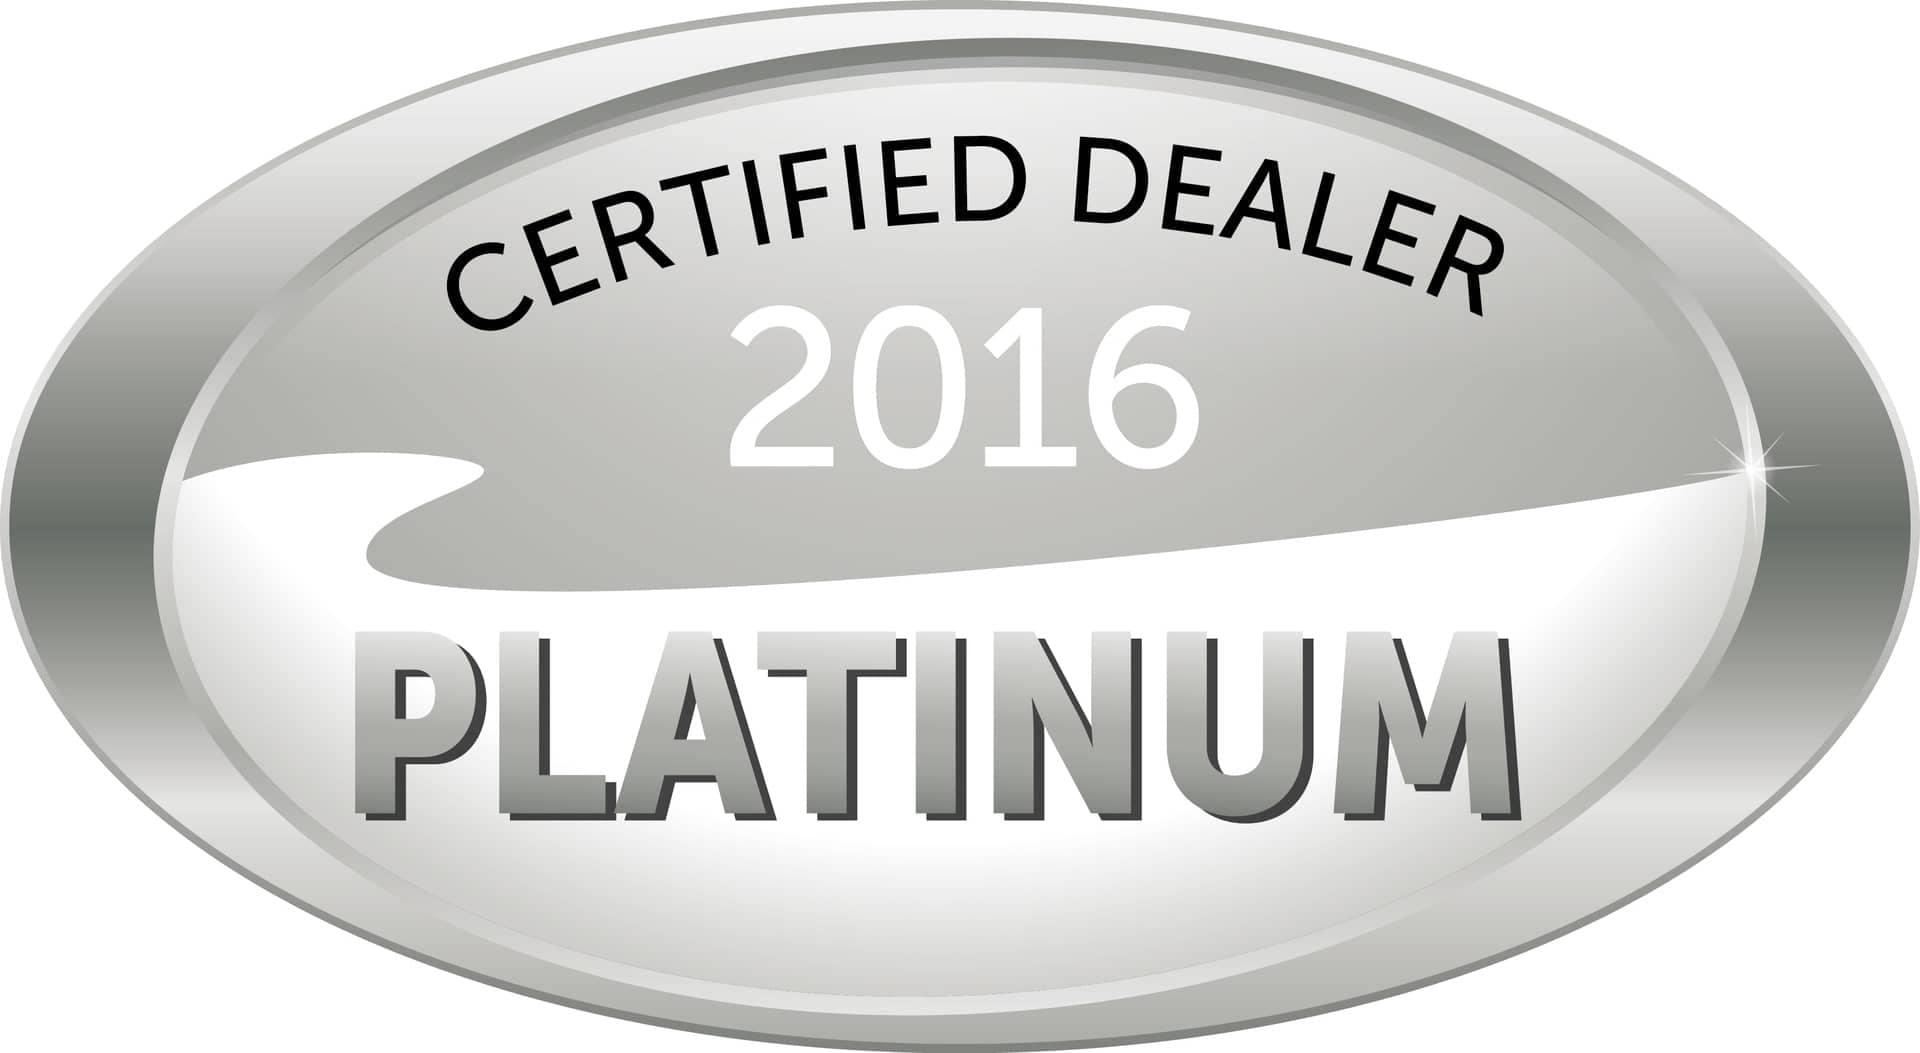 2016 certified logo